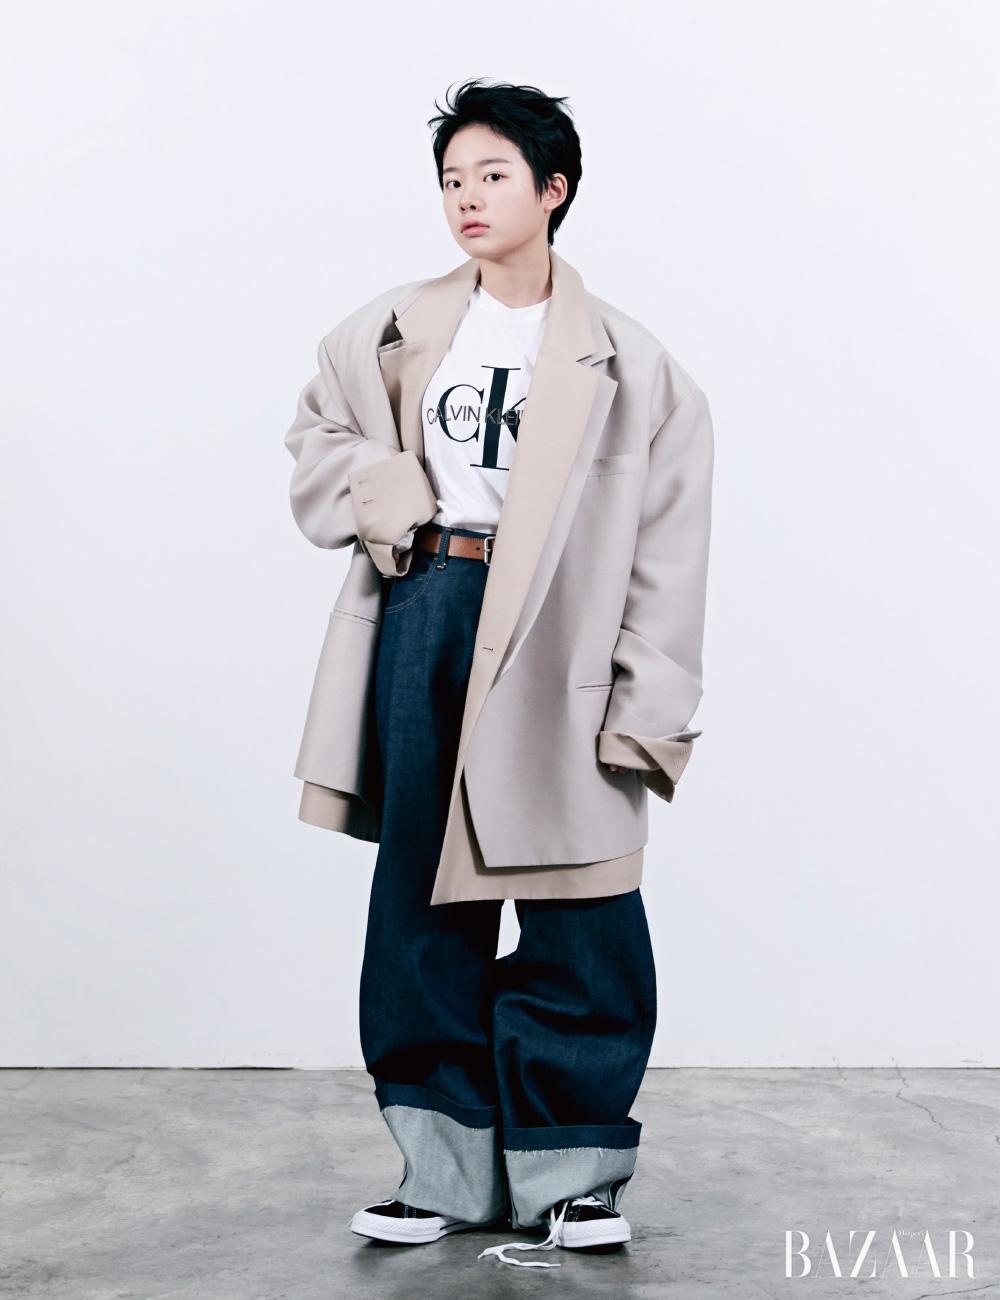 오버사이즈 재킷은Ordinary People, 로고 티셔츠는 Calvin Klein Jeans, 데님 팬츠는 Bouton Boutique, 가죽 벨트는 Cos, 스니커즈는 Converse.